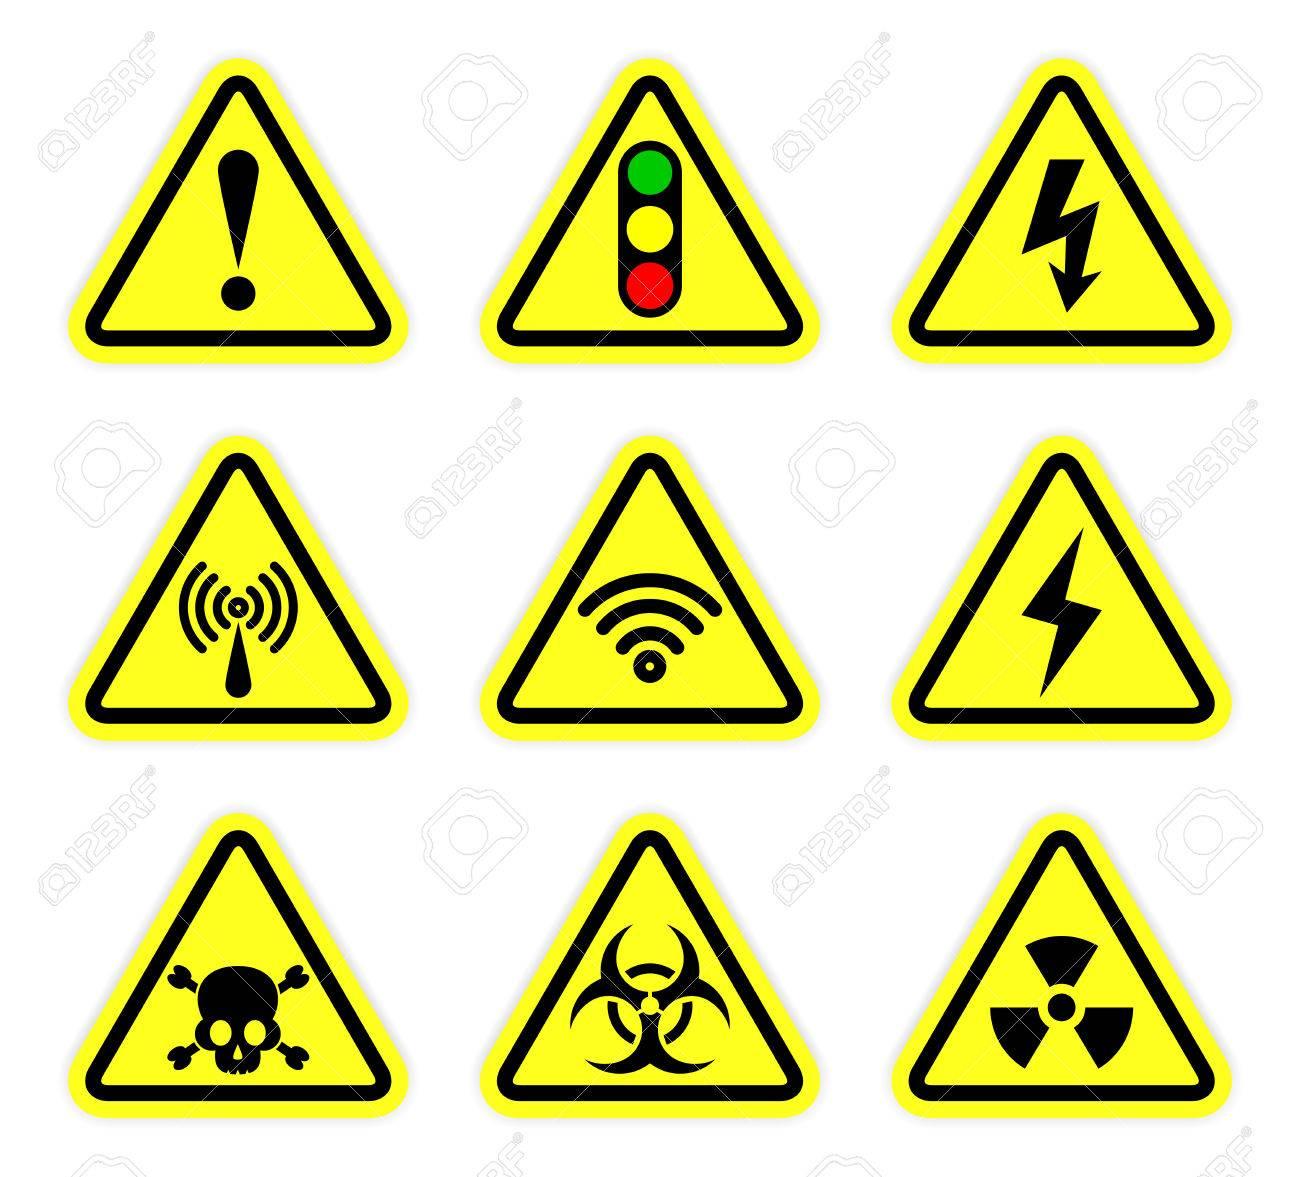 Warning Signal Symbol And Radiation Sign Set Royalty Free Cliparts